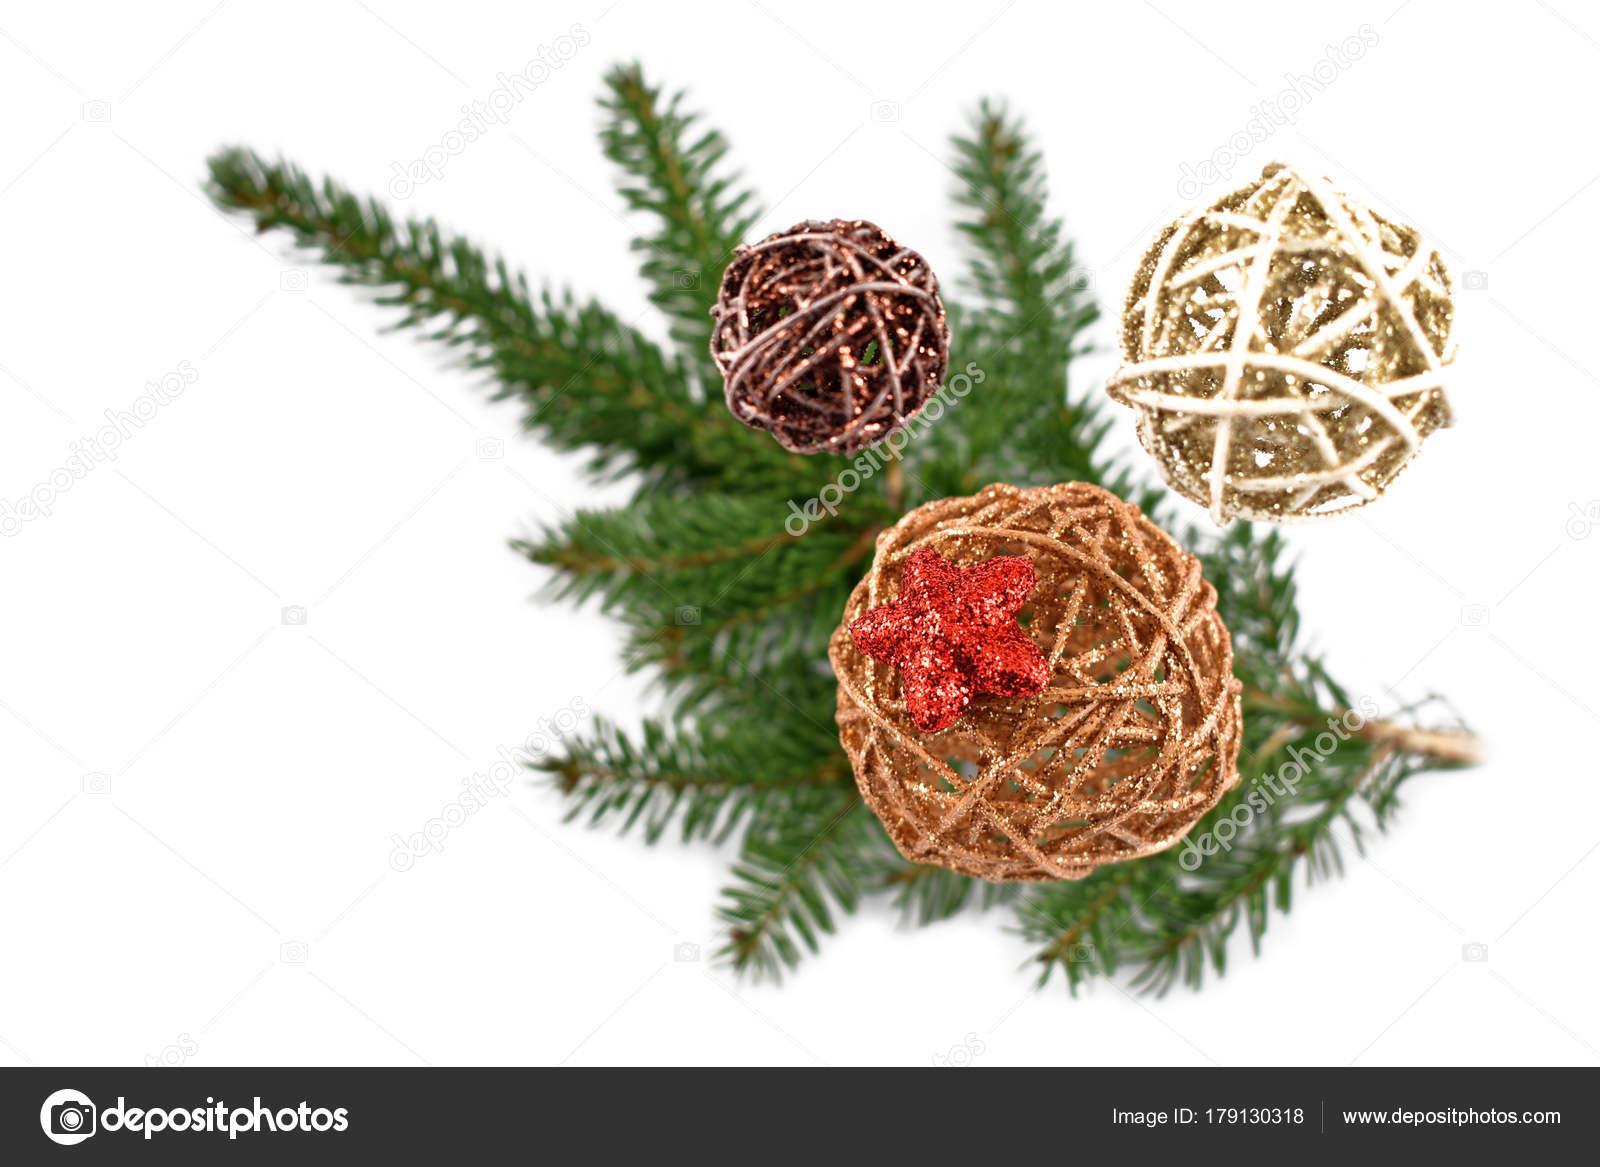 Imagenes Stock Adornos Navidad Mimbre Decoracion Navidad Fondo - Adronos-de-navidad